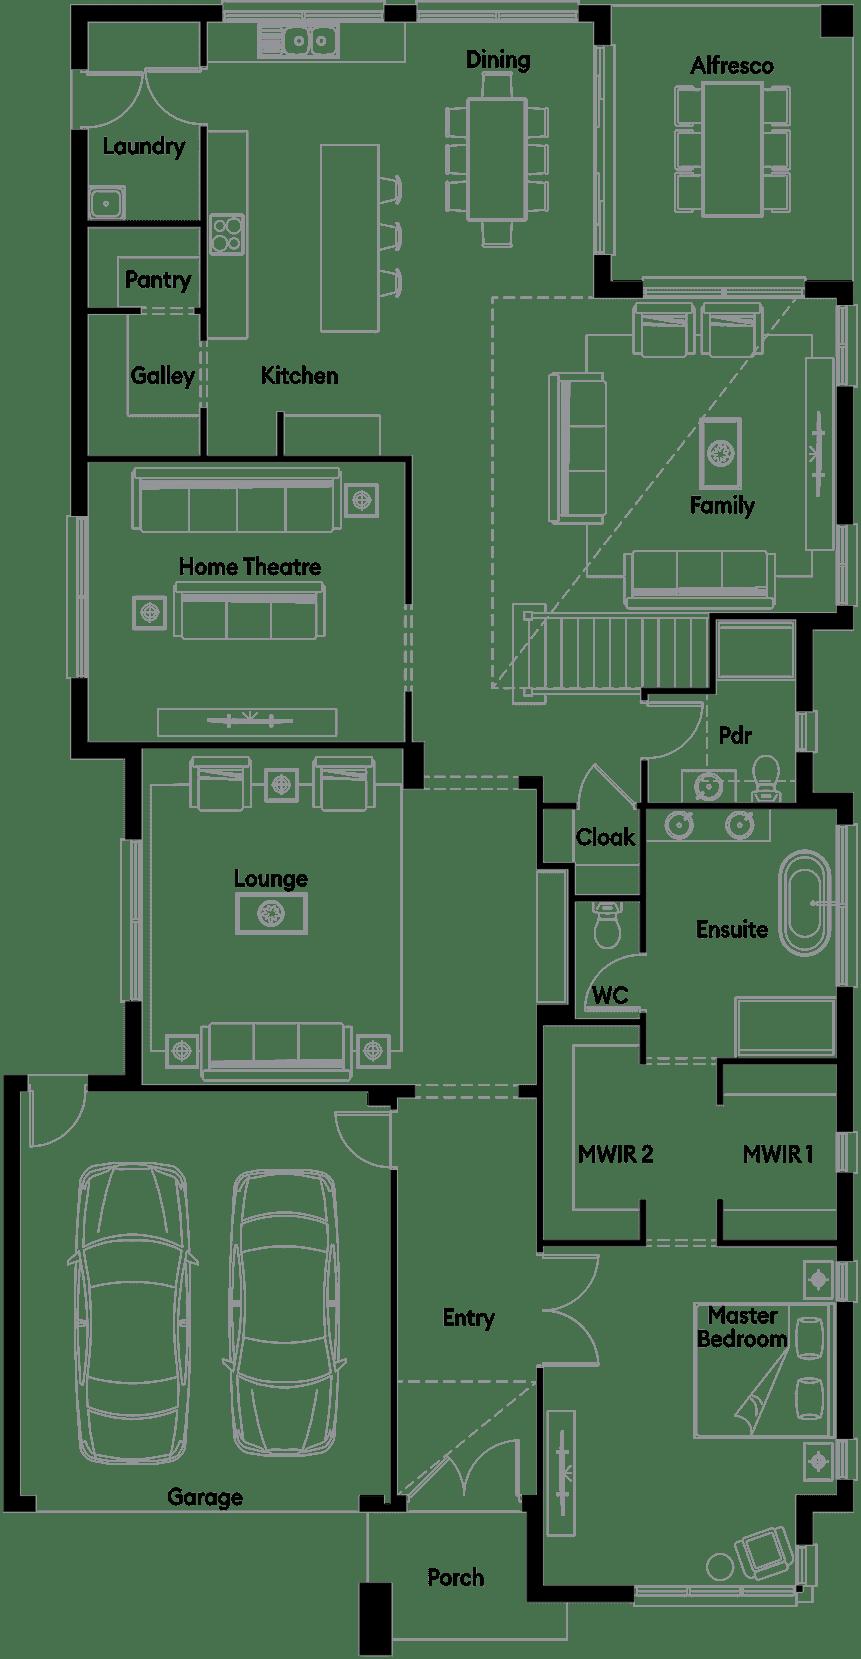 FloorPlan1_HOUSE849_Hyatt-Grange_50-01